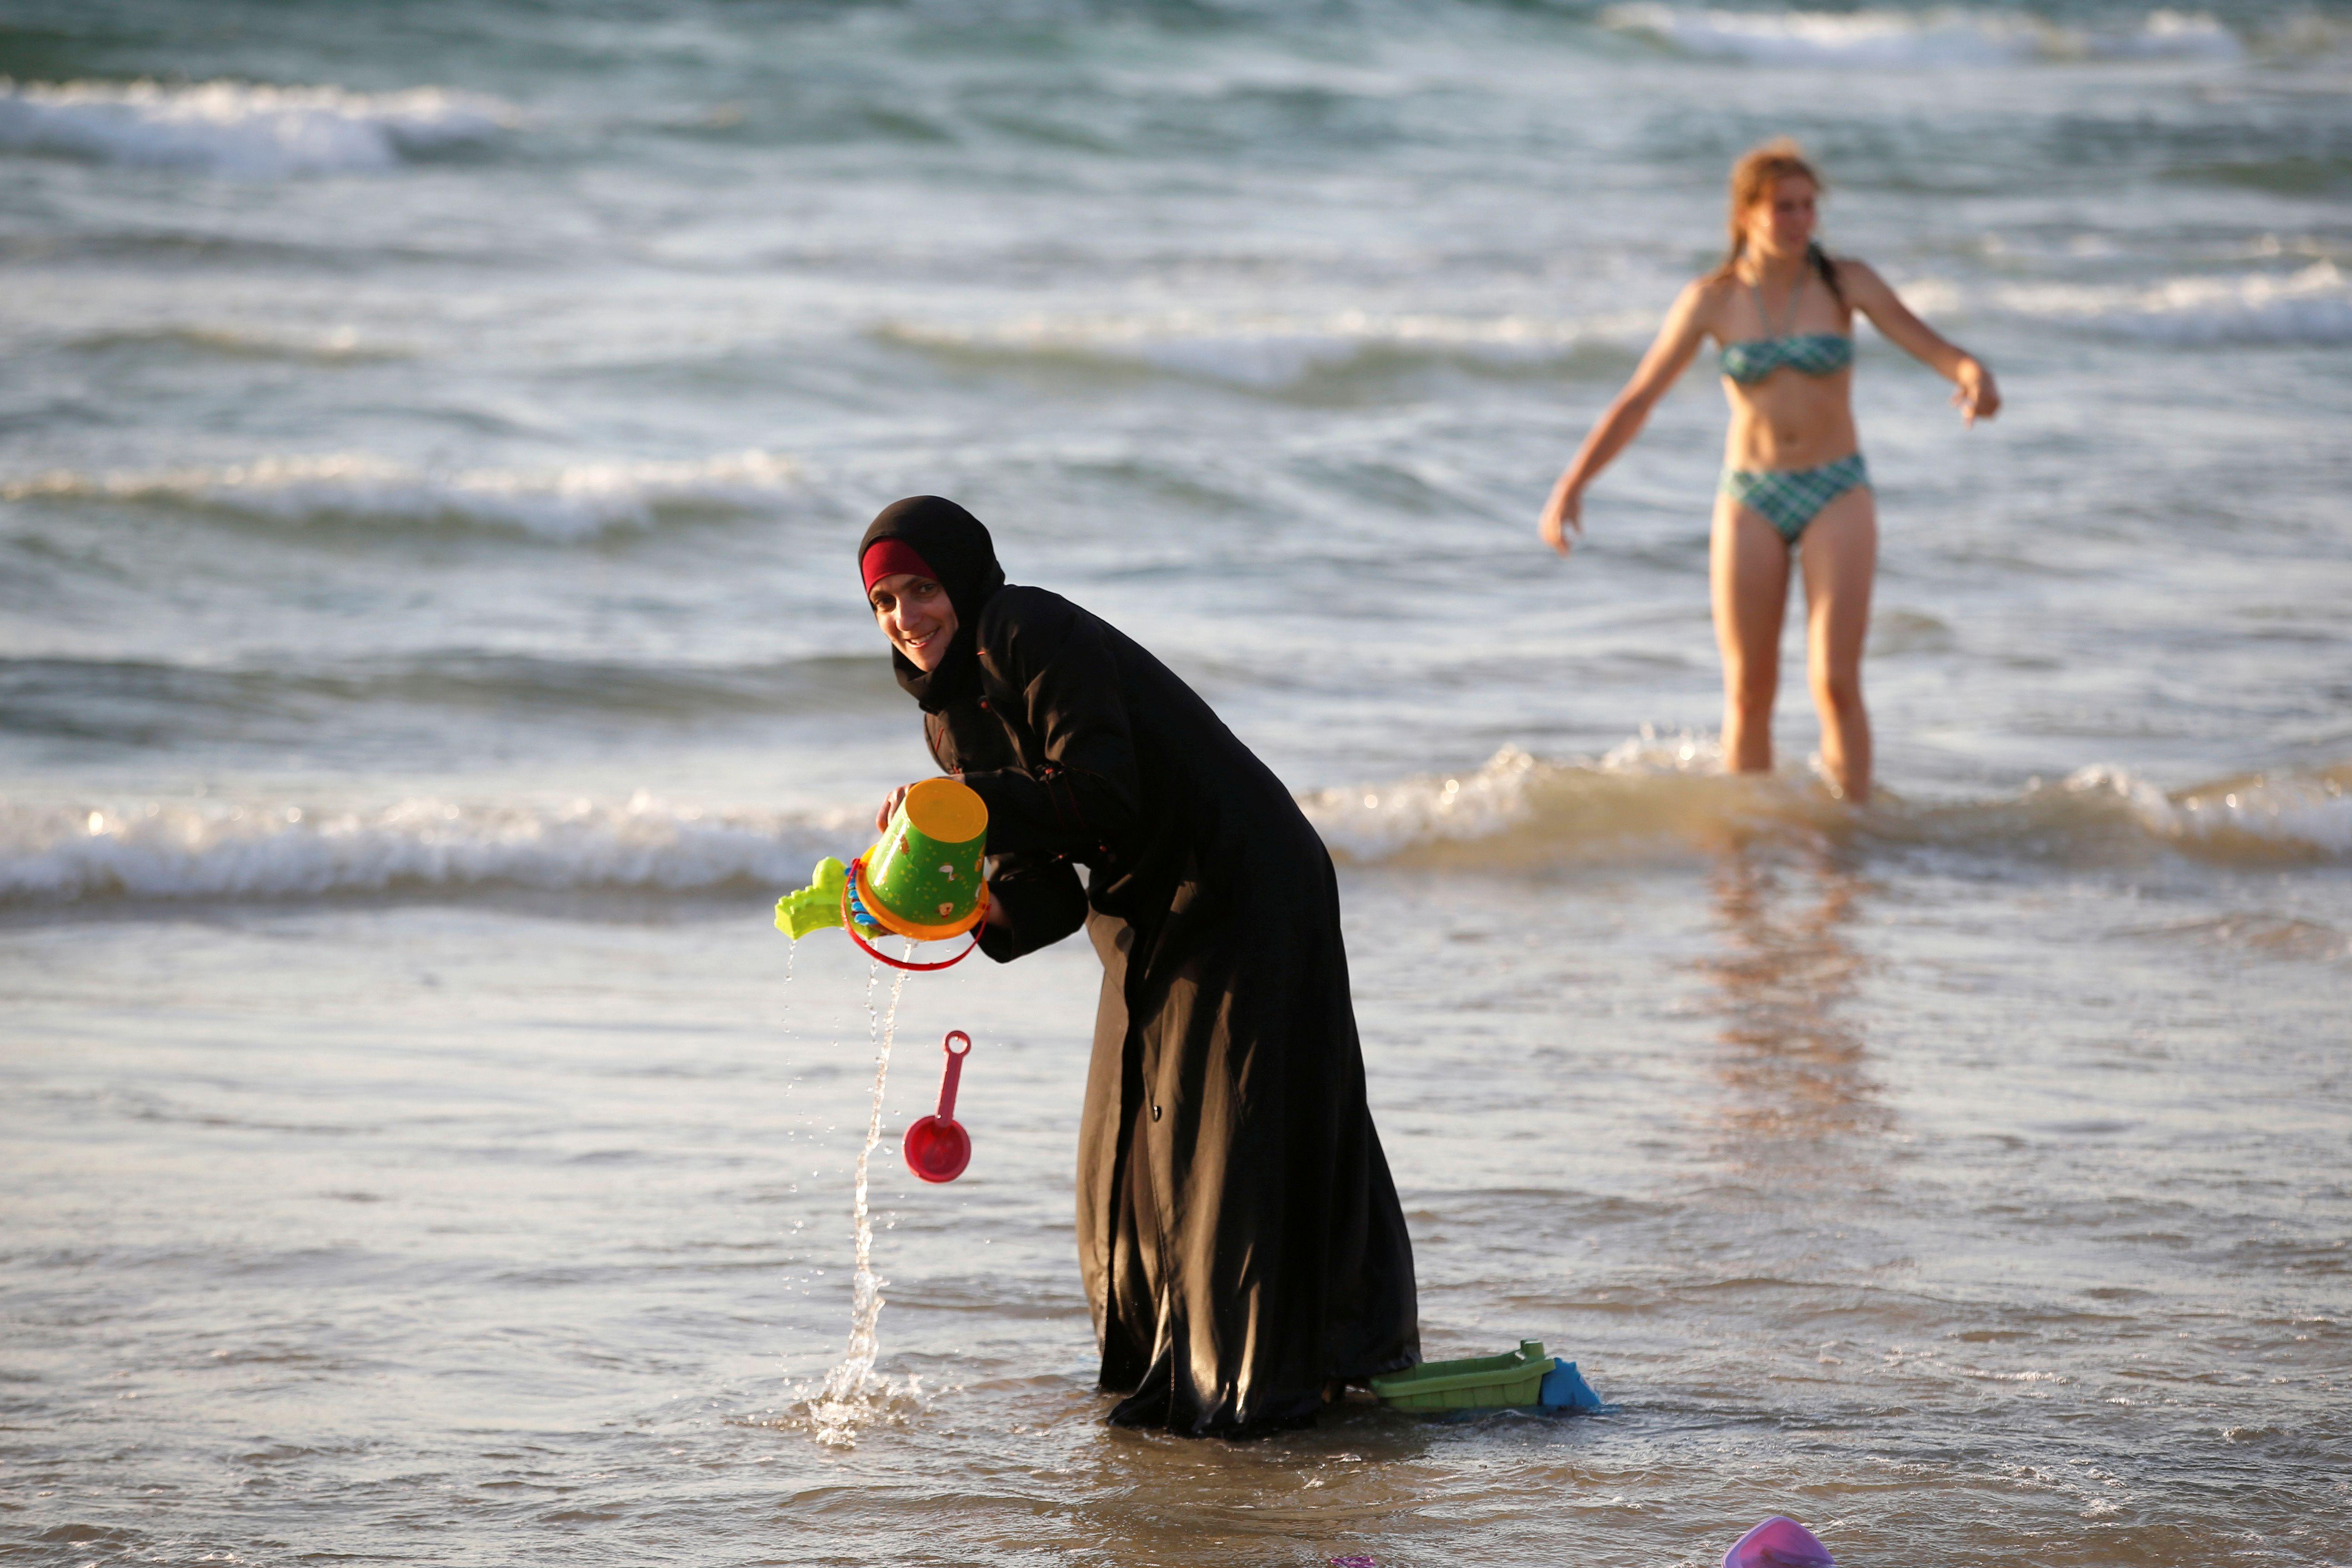 """""""Arabe de service"""", """"beurette vendue"""" : quand les réseaux sociaux théorisent sur le """"bon""""... et le """"mauvais"""" musulman"""